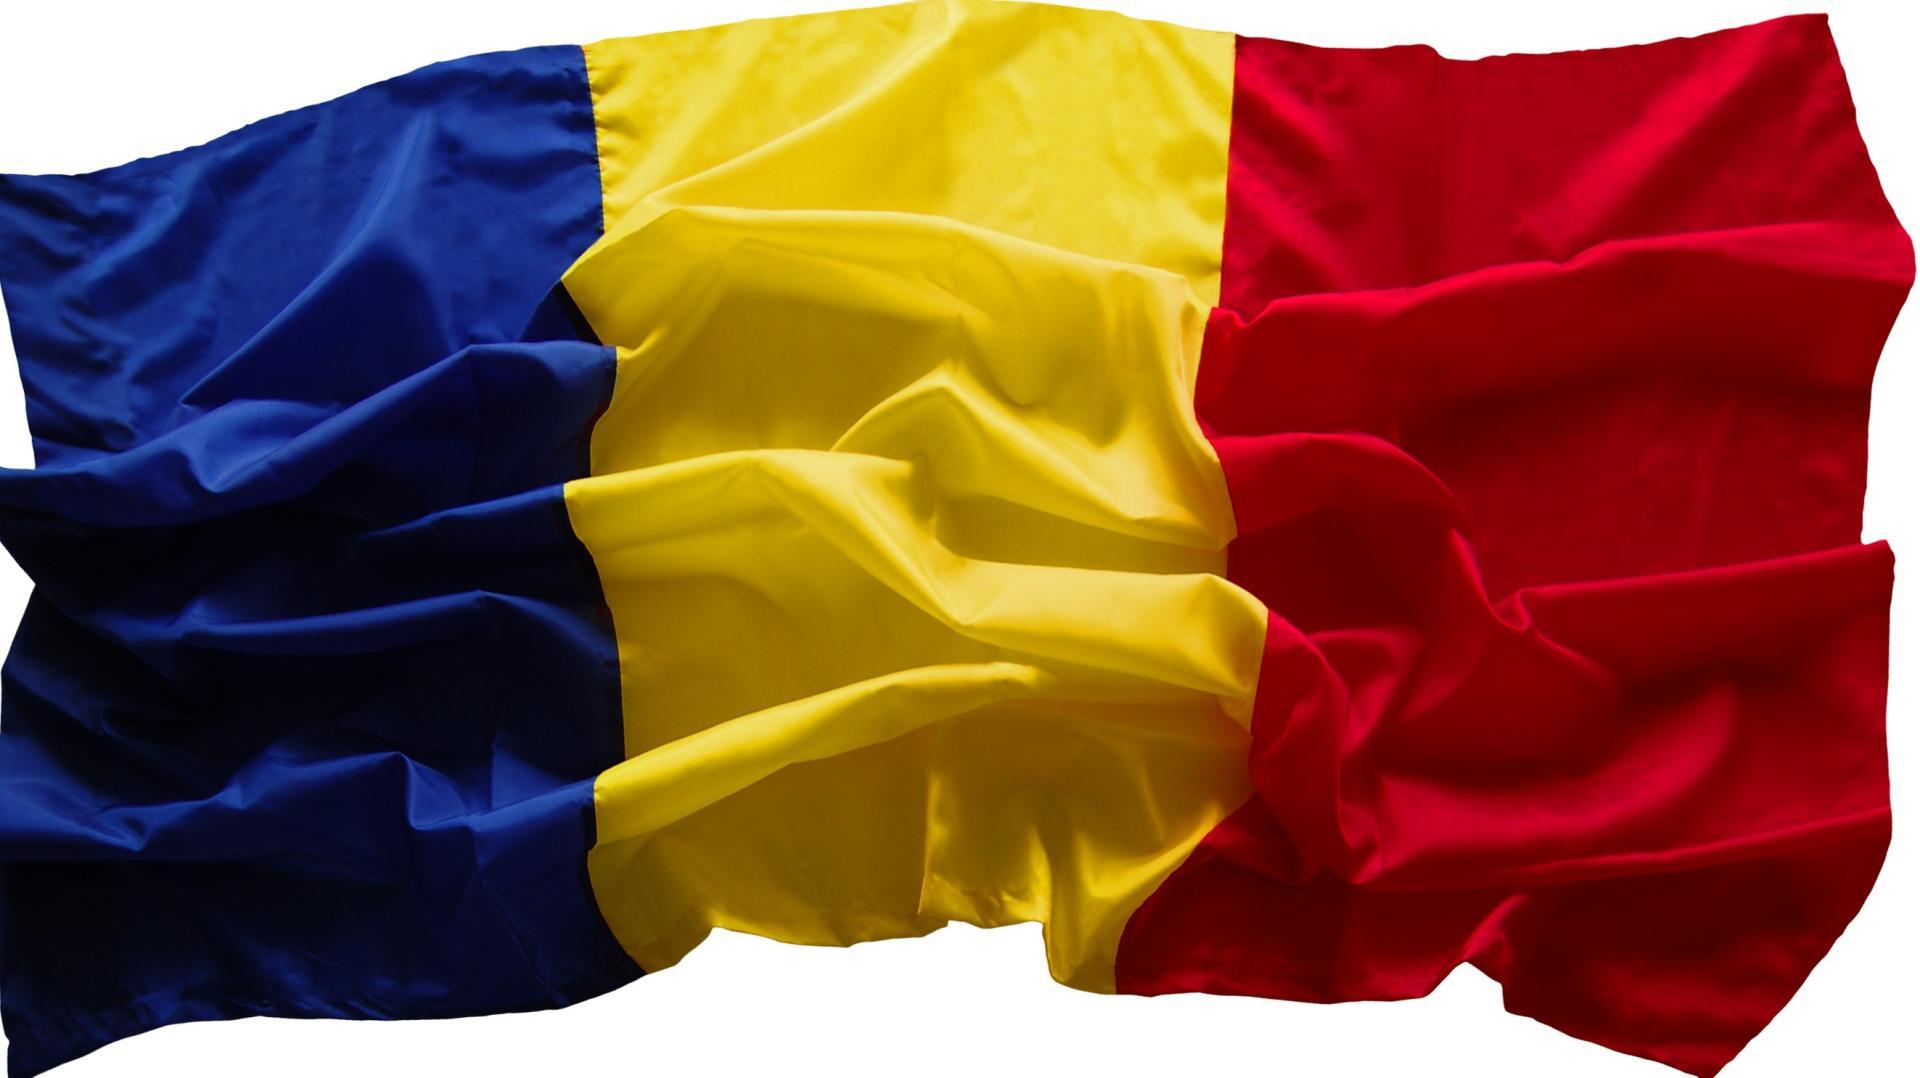 Războiul referendumului aruncă România în haos